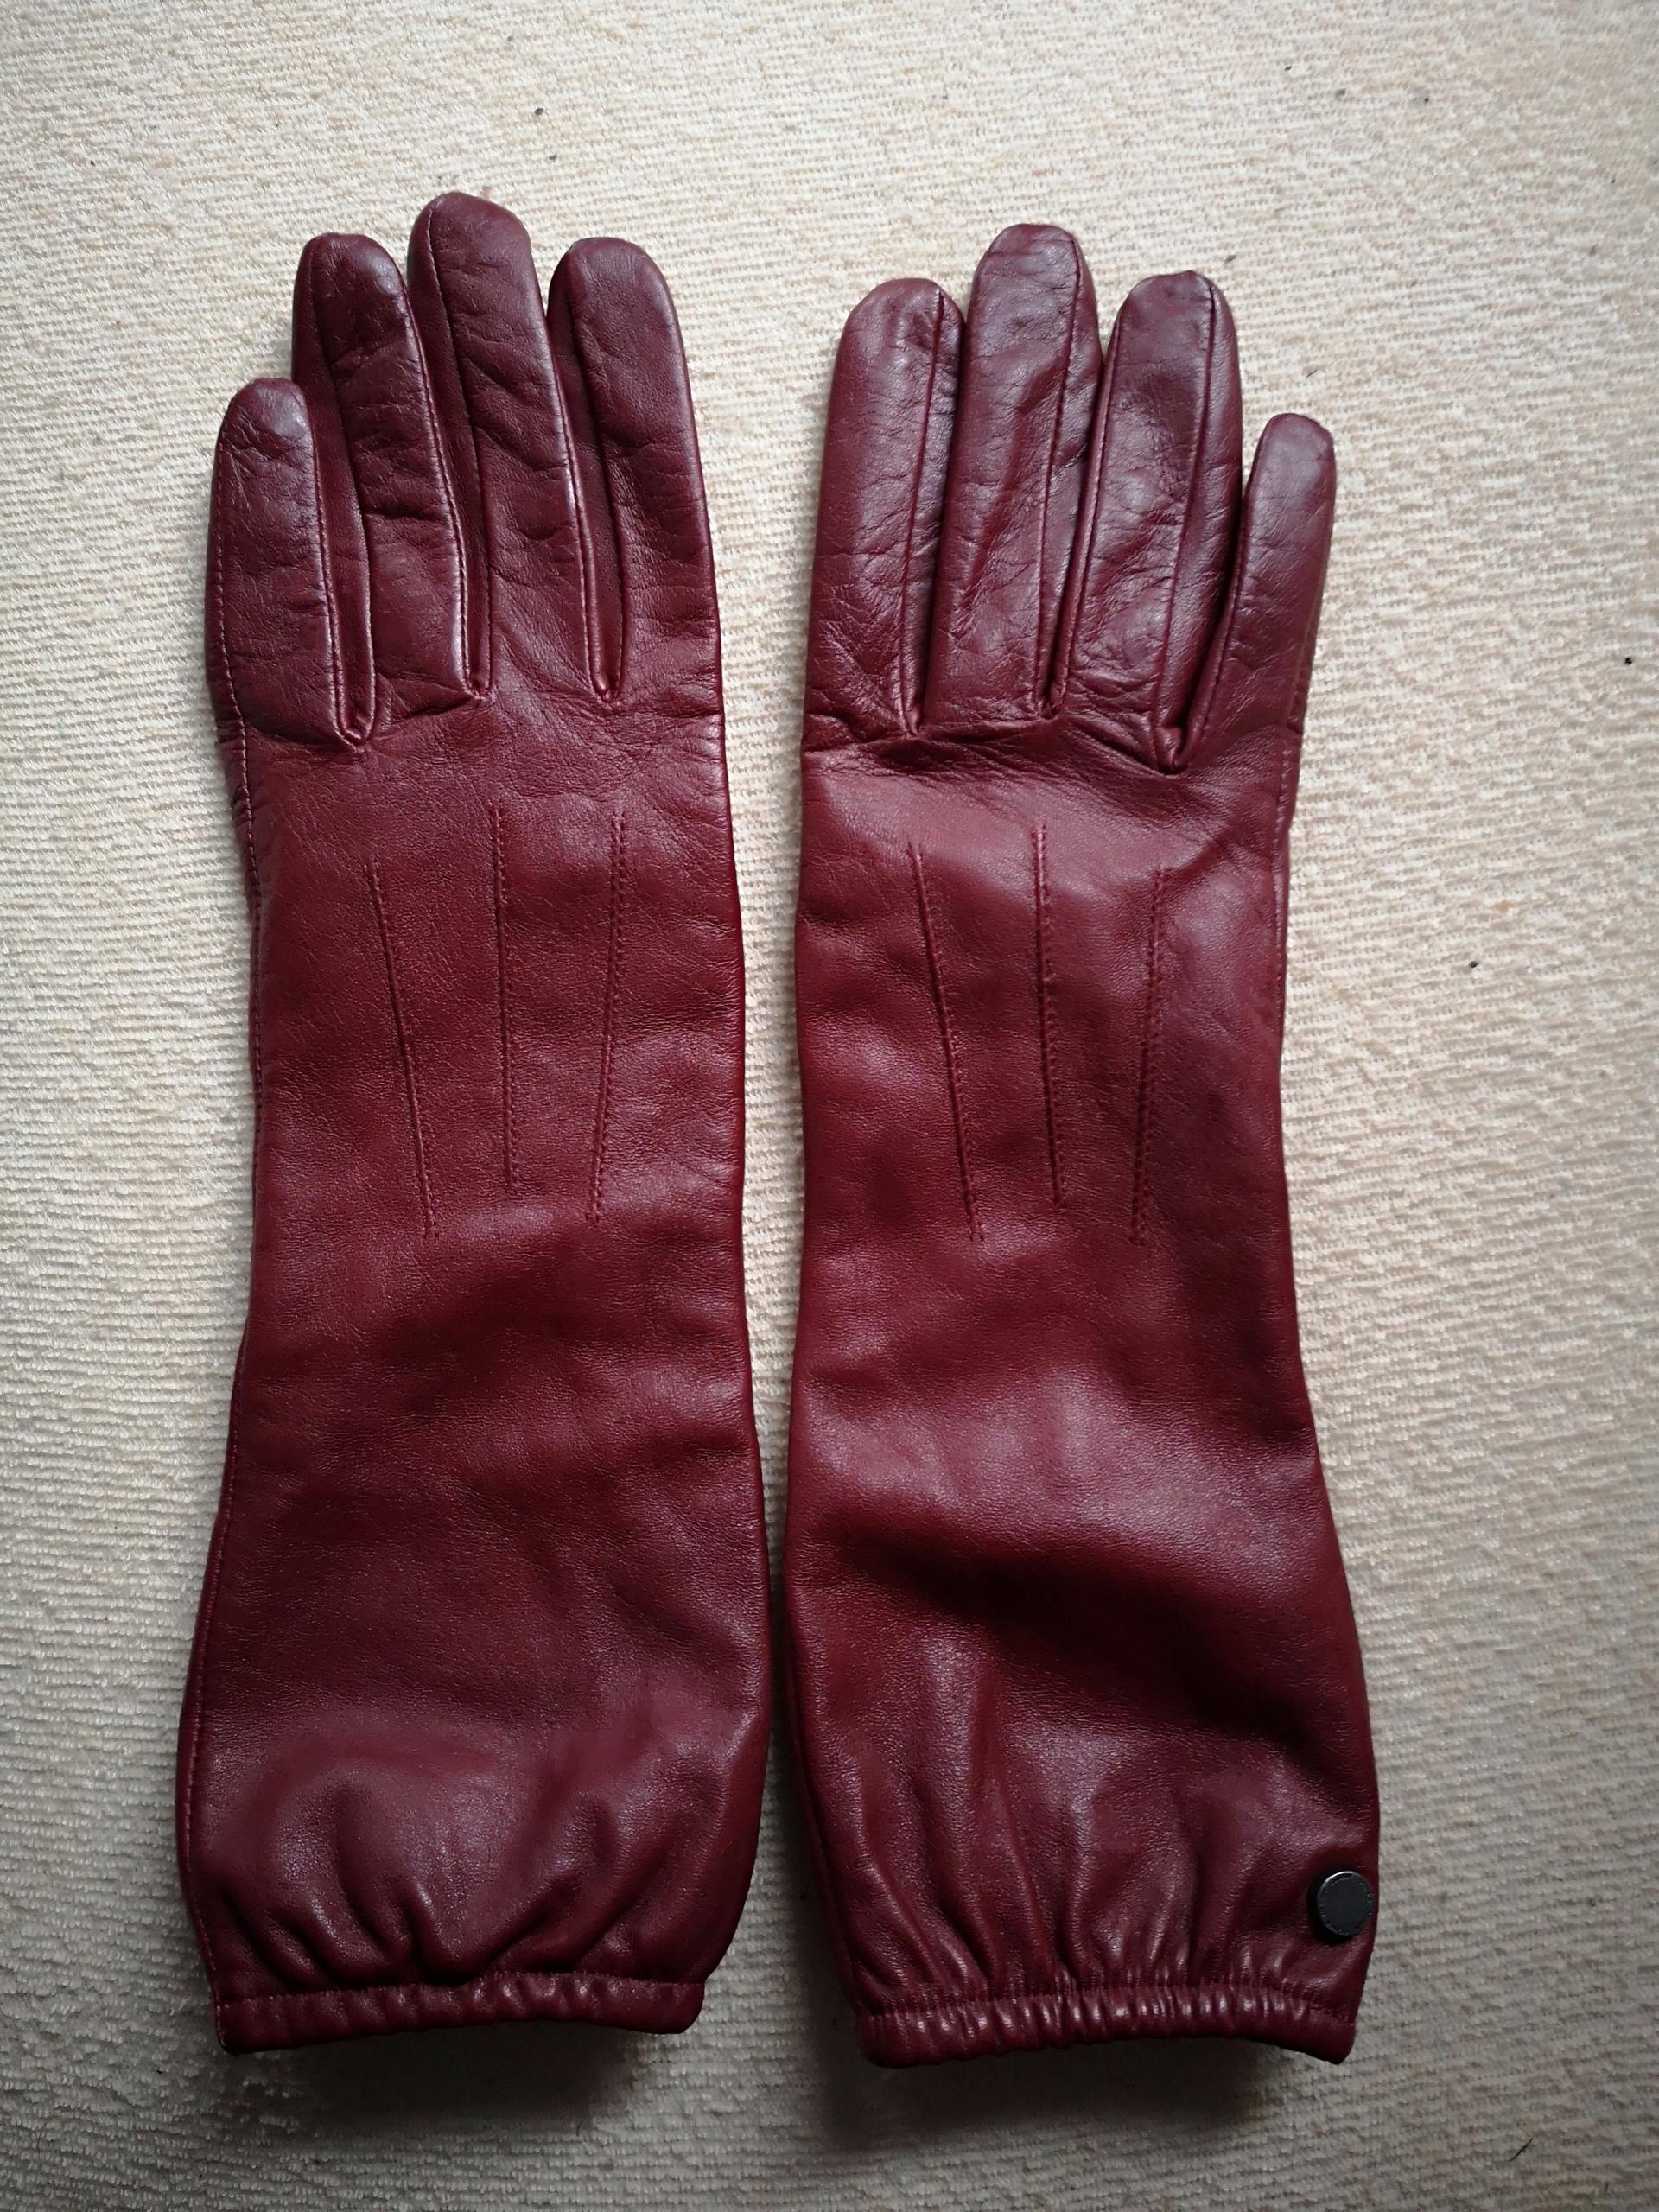 OCHNIK rękawiczki DAMSKIE BORDOWE długie SKÓRZANE